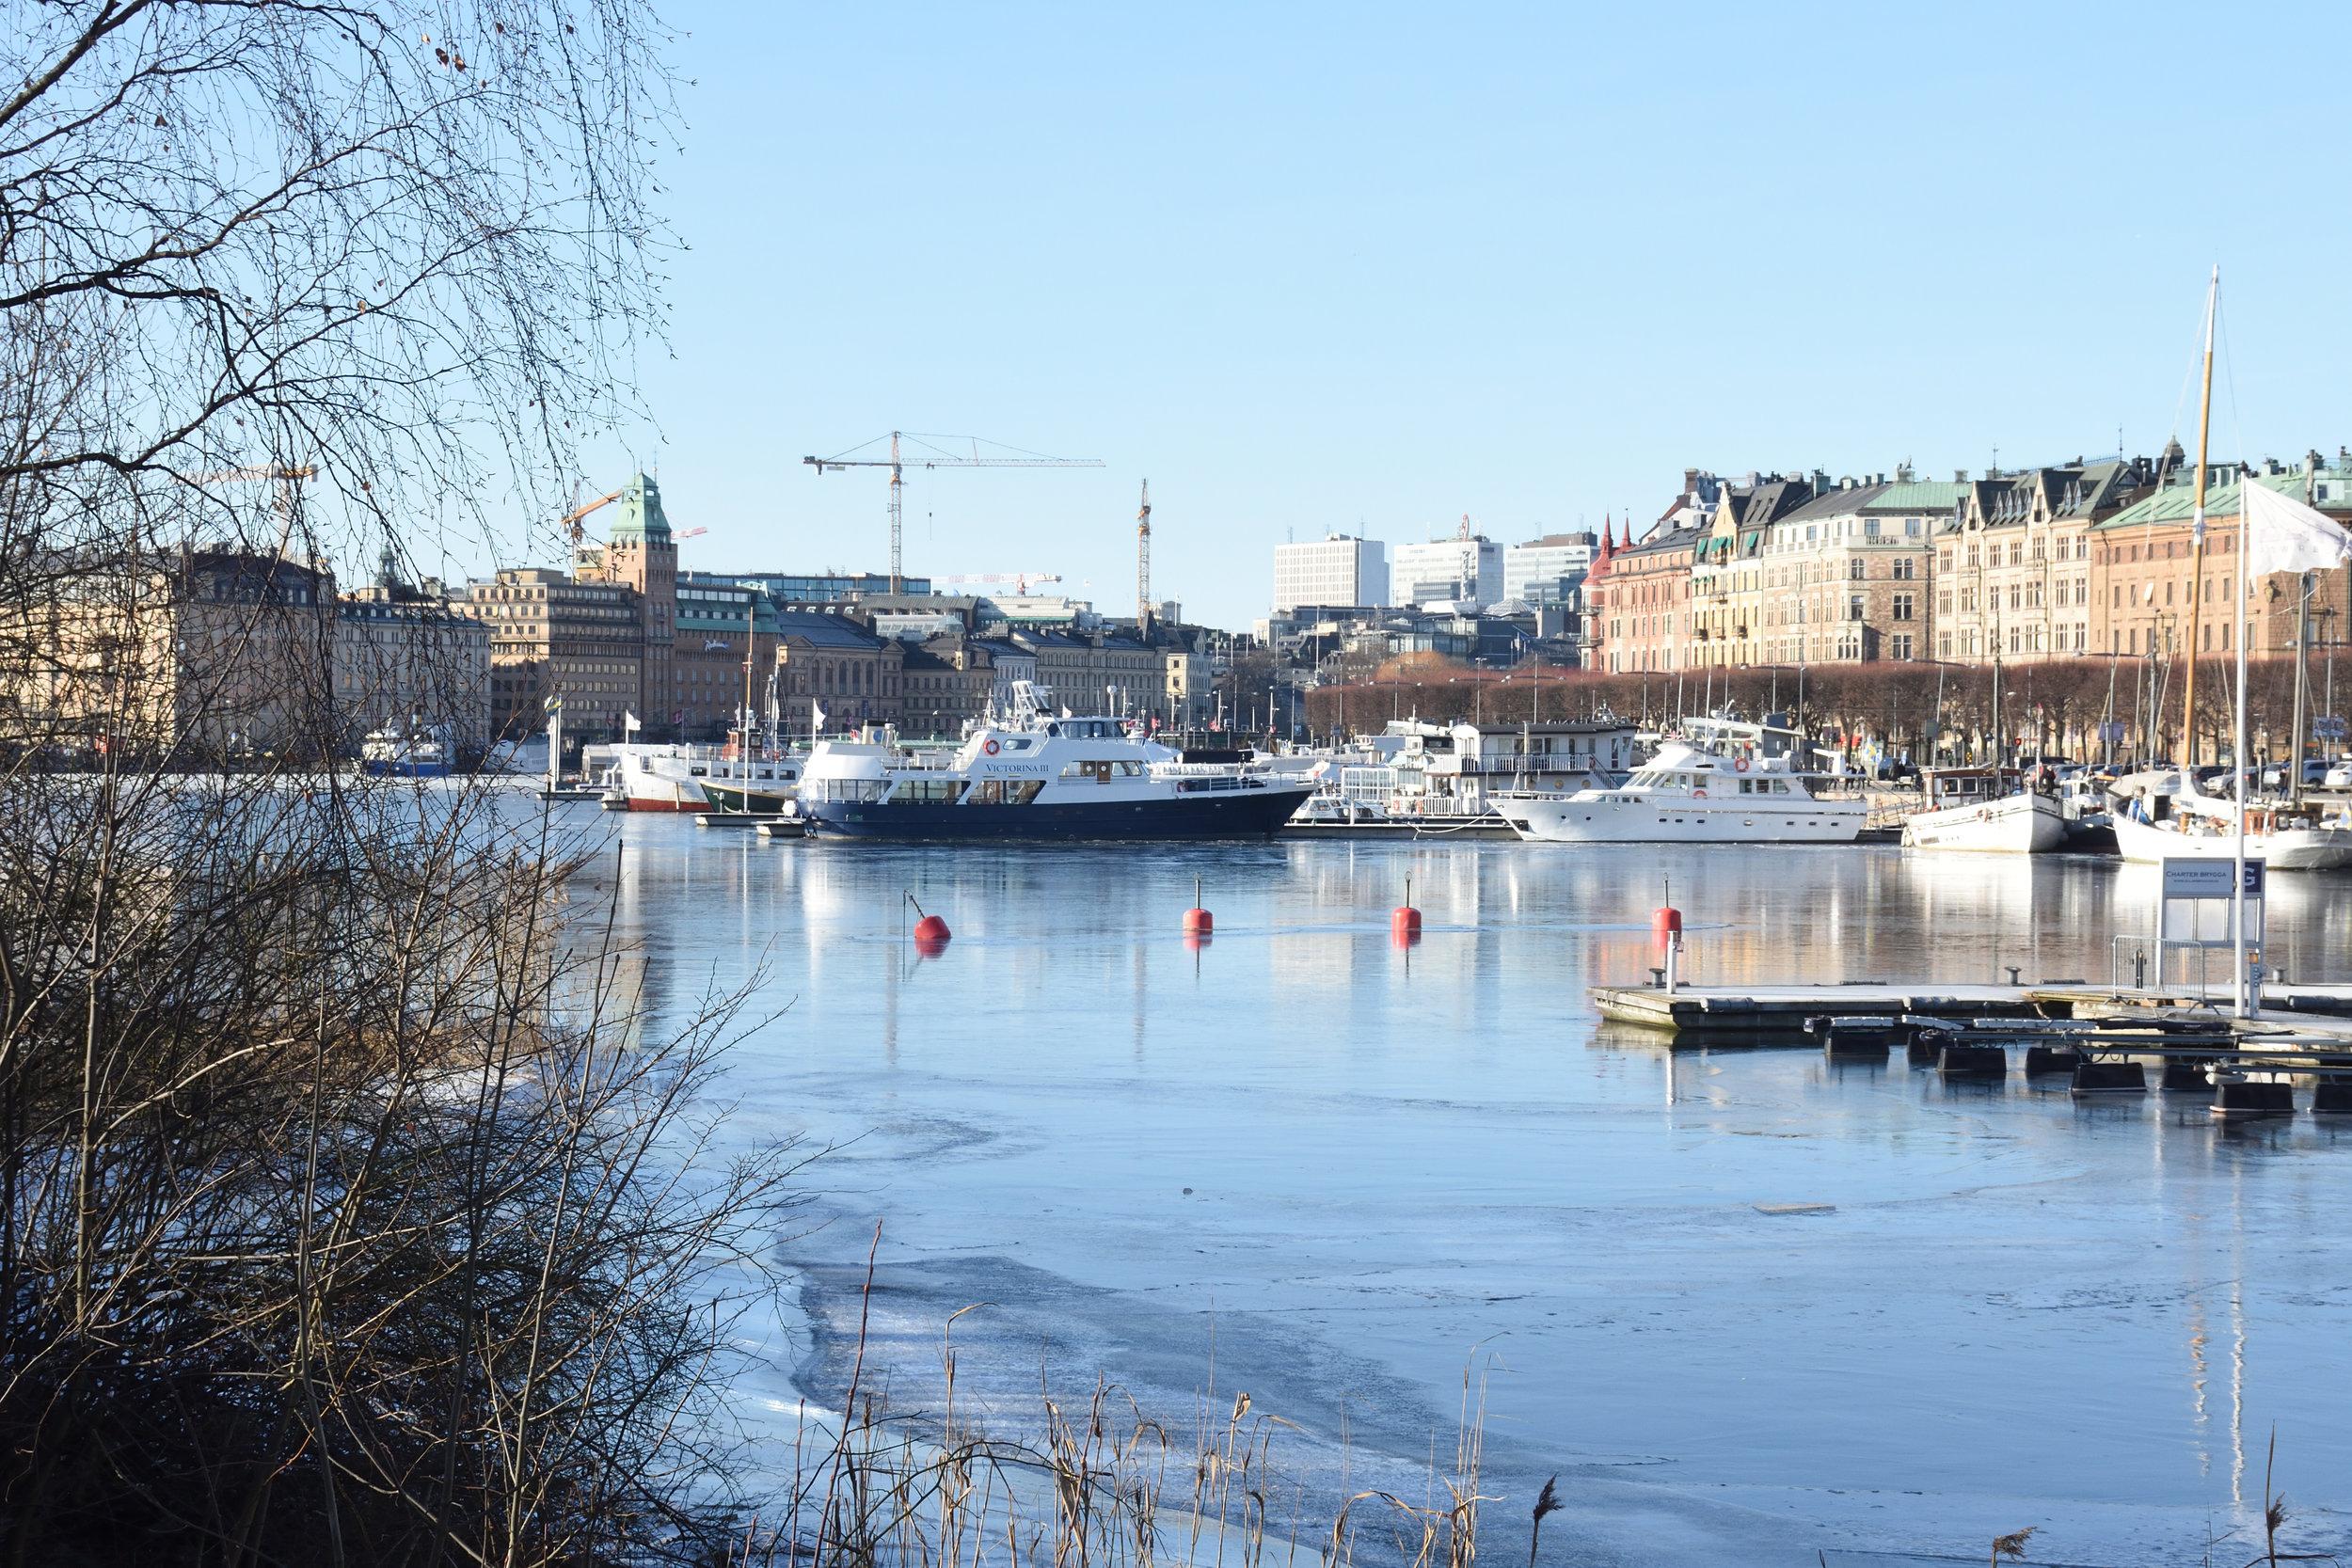 Stockholm, Sweden, February 2017